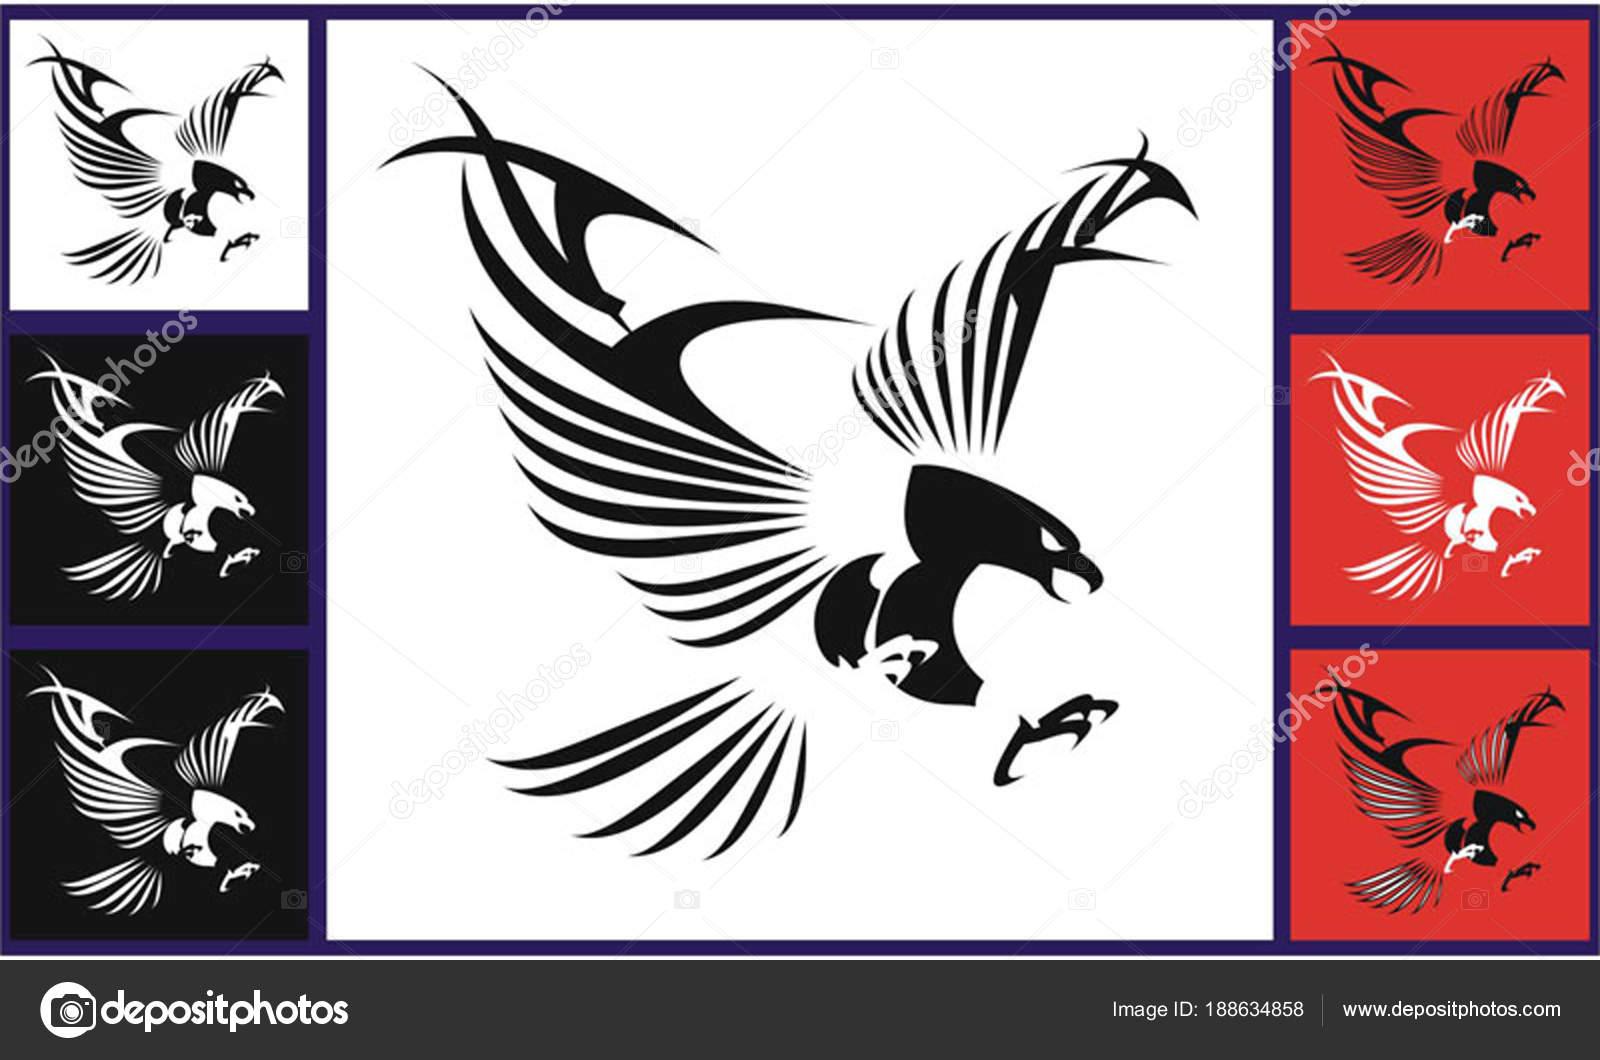 Tatuajes Tribales De Aguilas águila Vuelo De águilas Con Las Alas